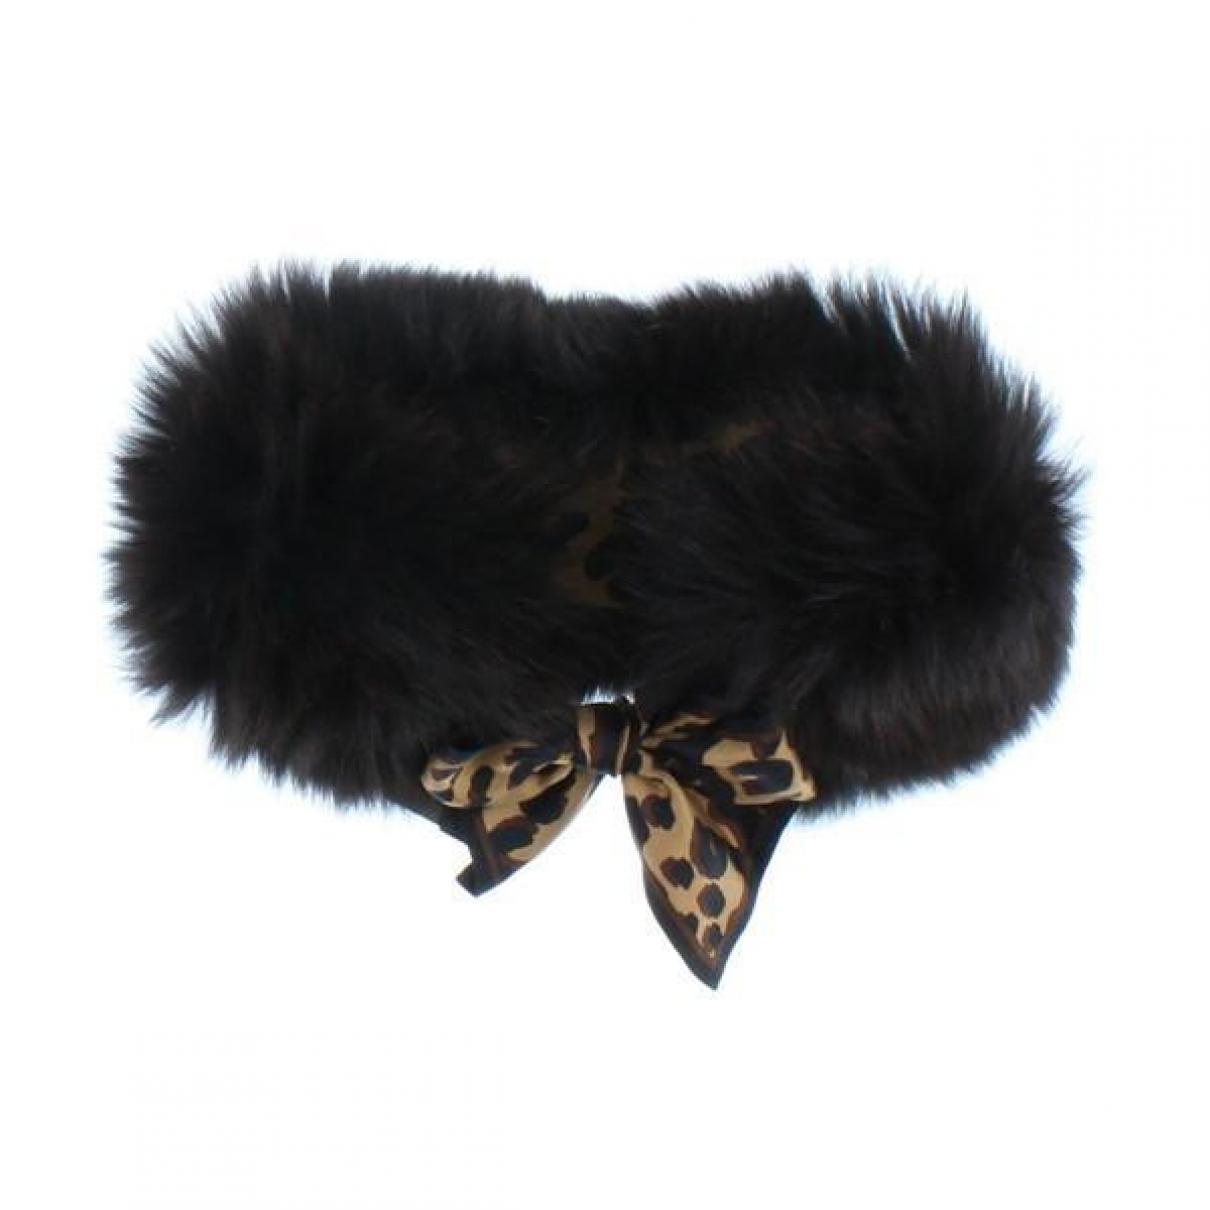 Louis Vuitton - Foulard   pour femme en fourrure - noir